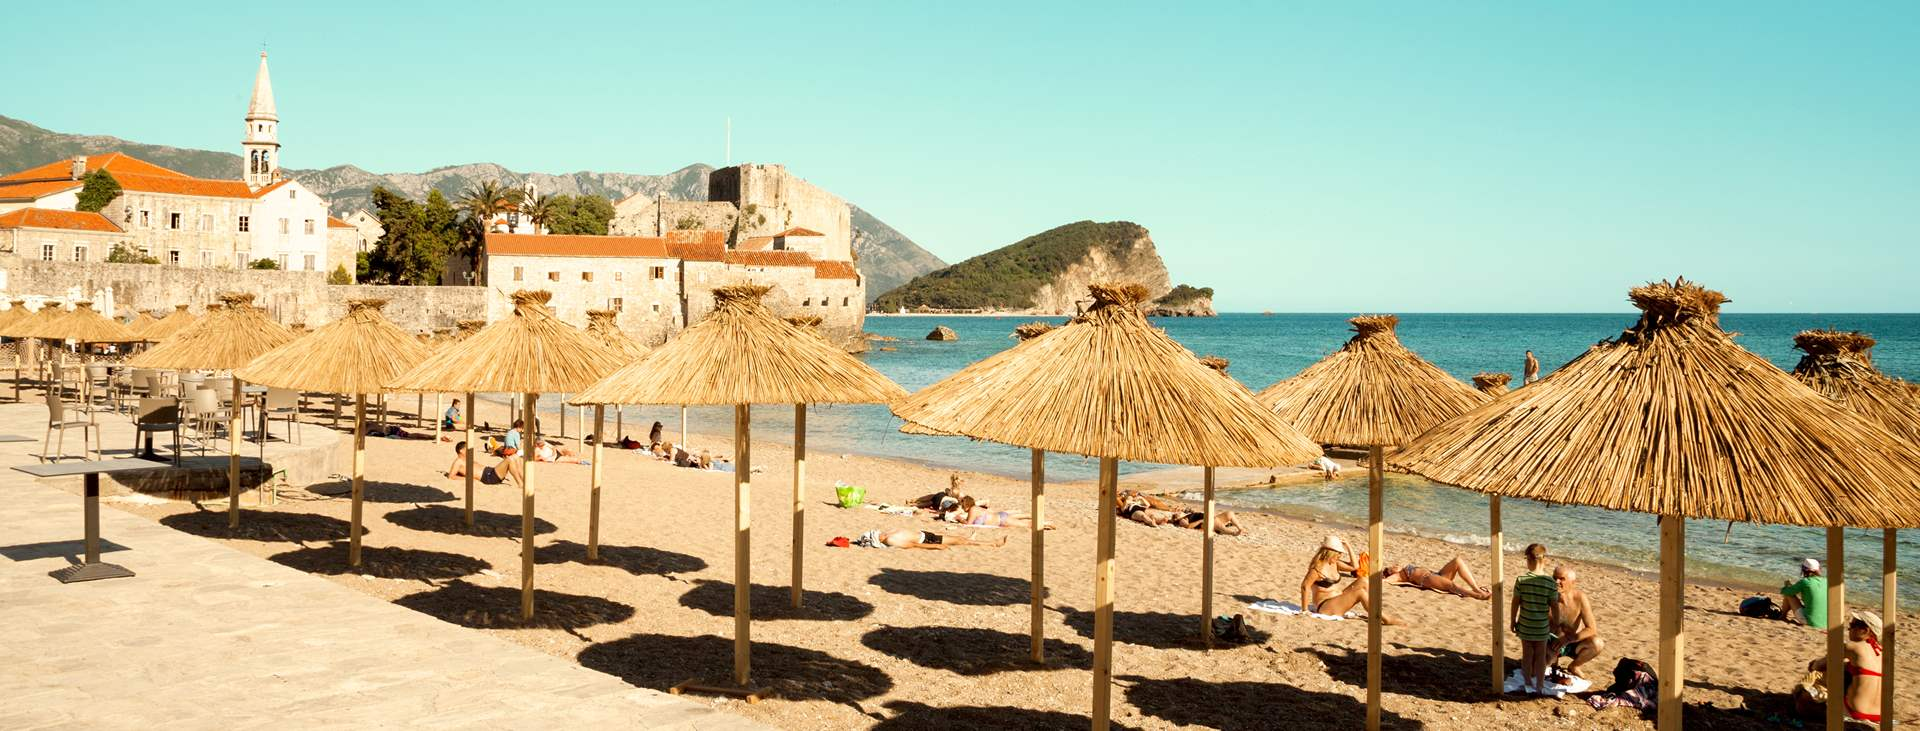 Bestill en reise til Budva i Montenegro med Ving